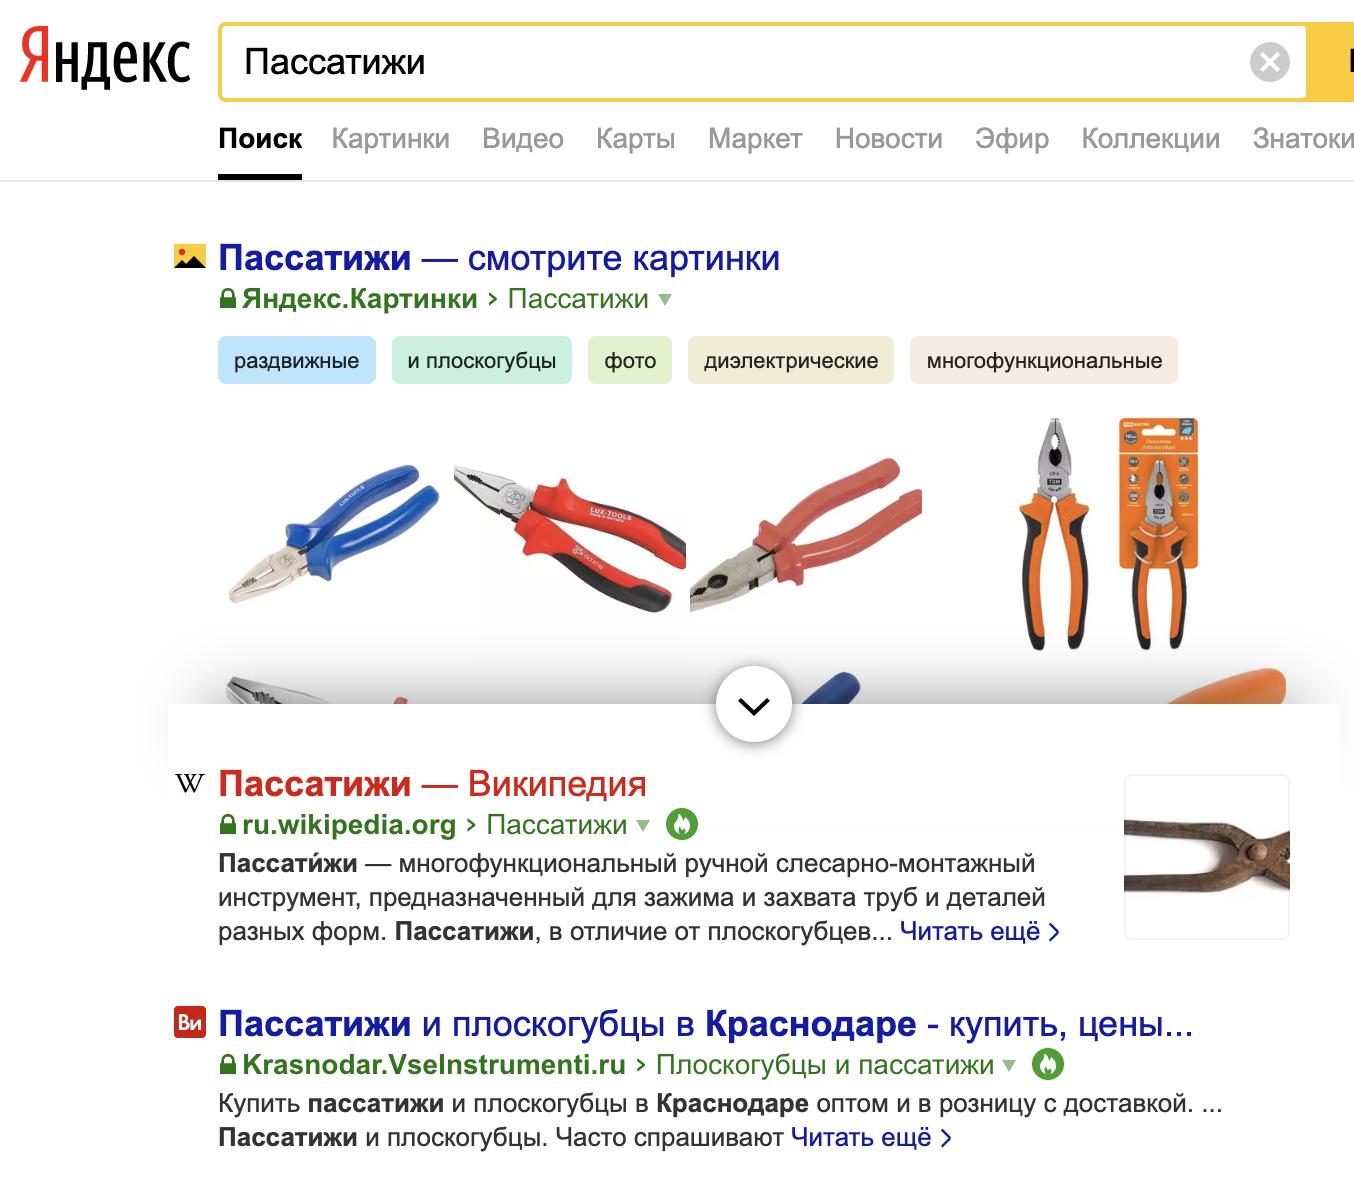 Проектирование интернет-магазина для SEO: (теория + чеклист) - 7